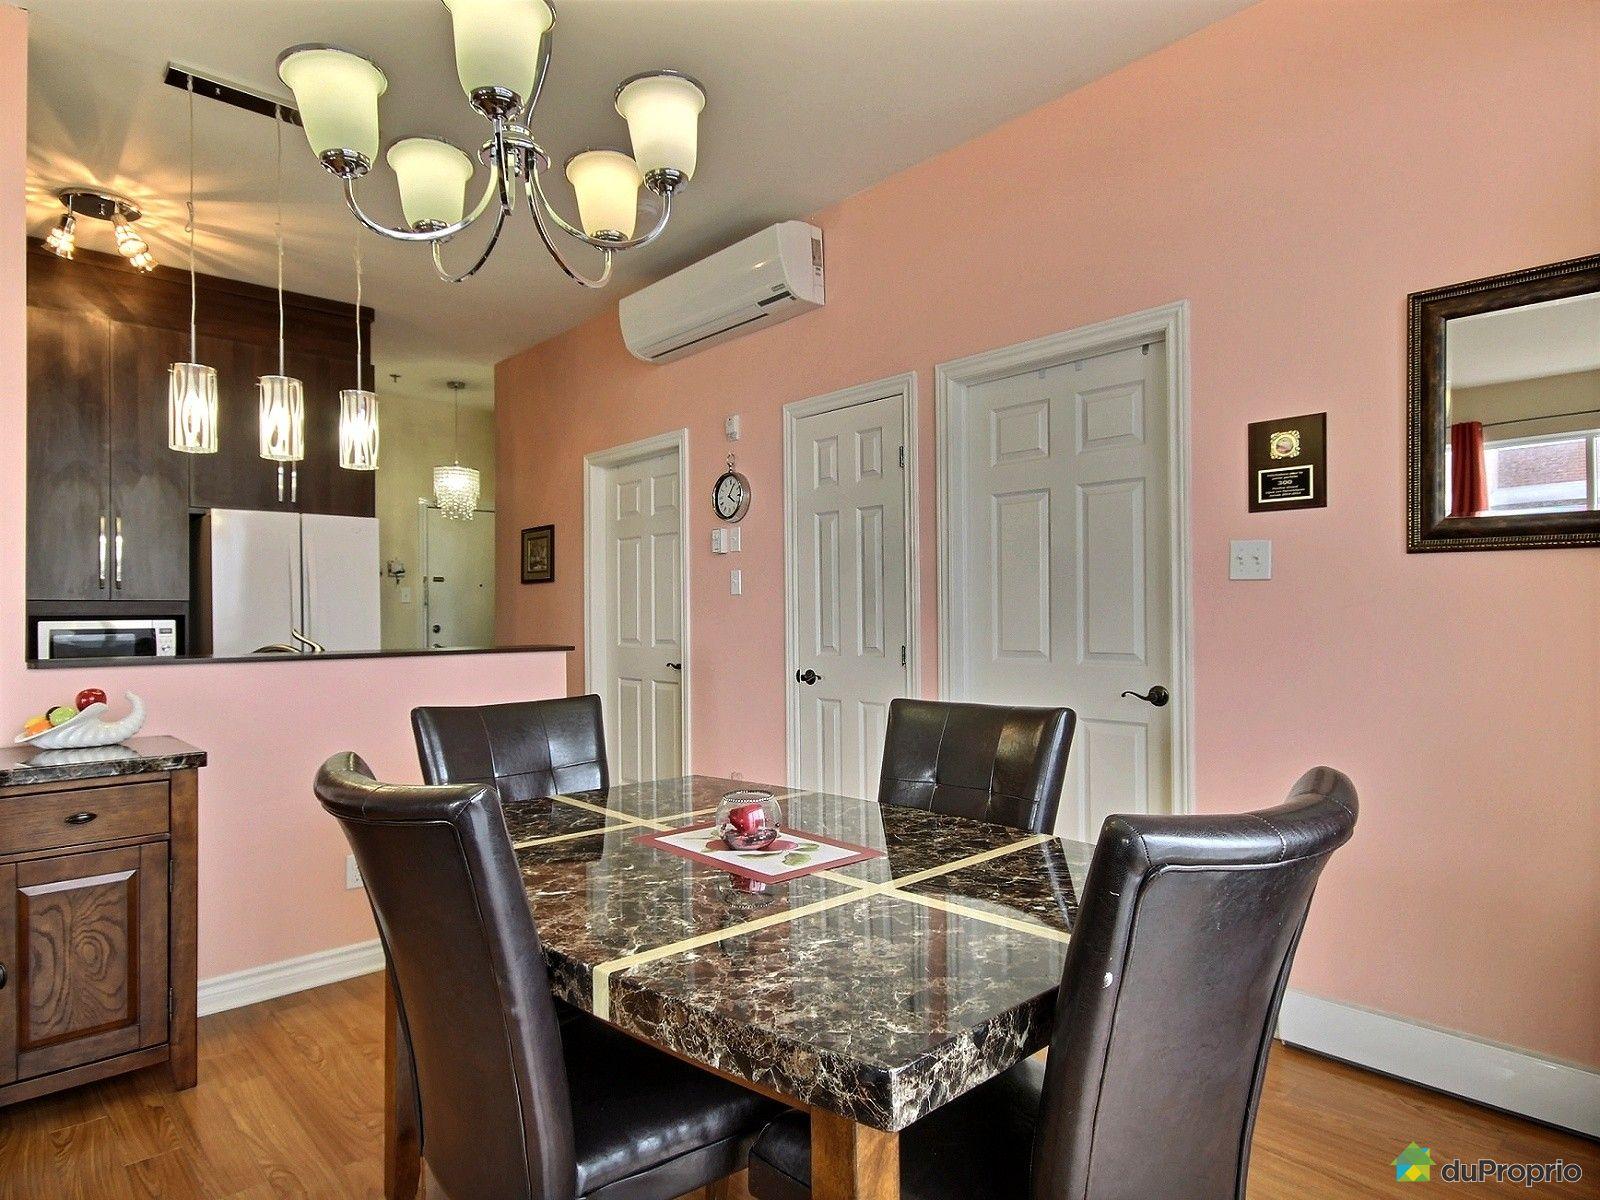 #926439 Penthouse Vendu St Hubert Immobilier Québec DuProprio  3891 salle a manger pas cher montreal 1600x1200 px @ aertt.com